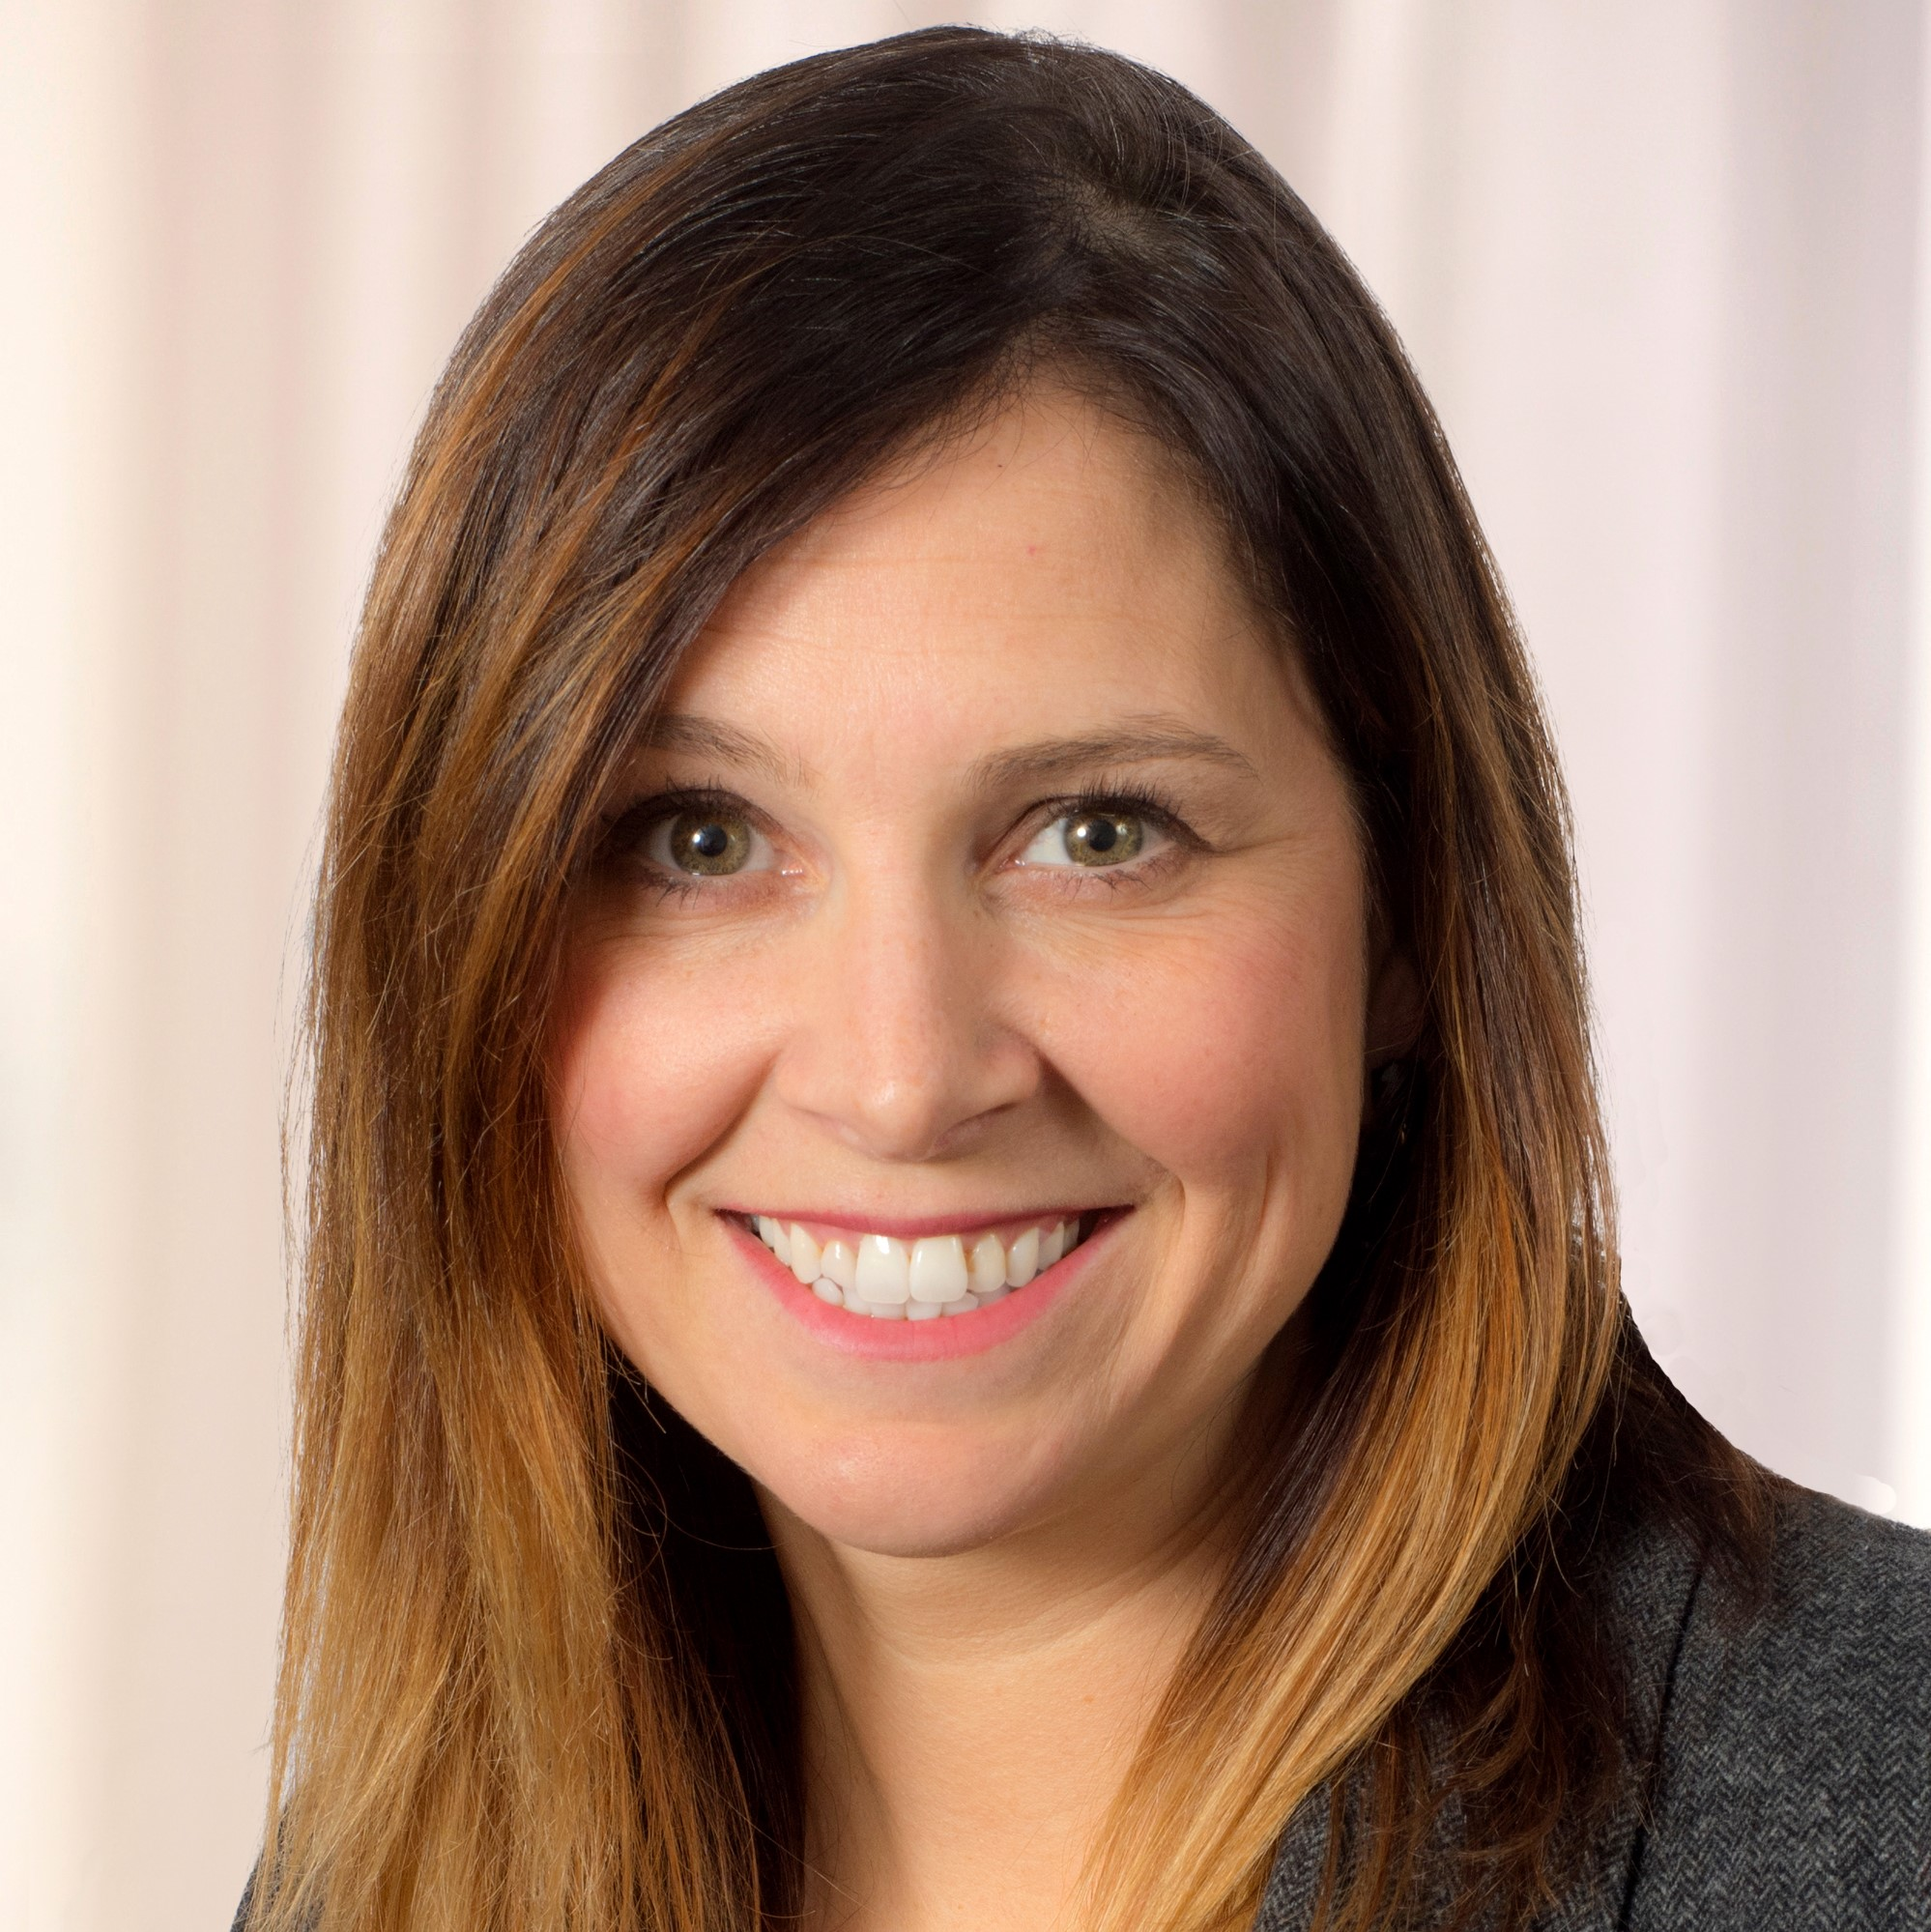 Amanda M. Fielder